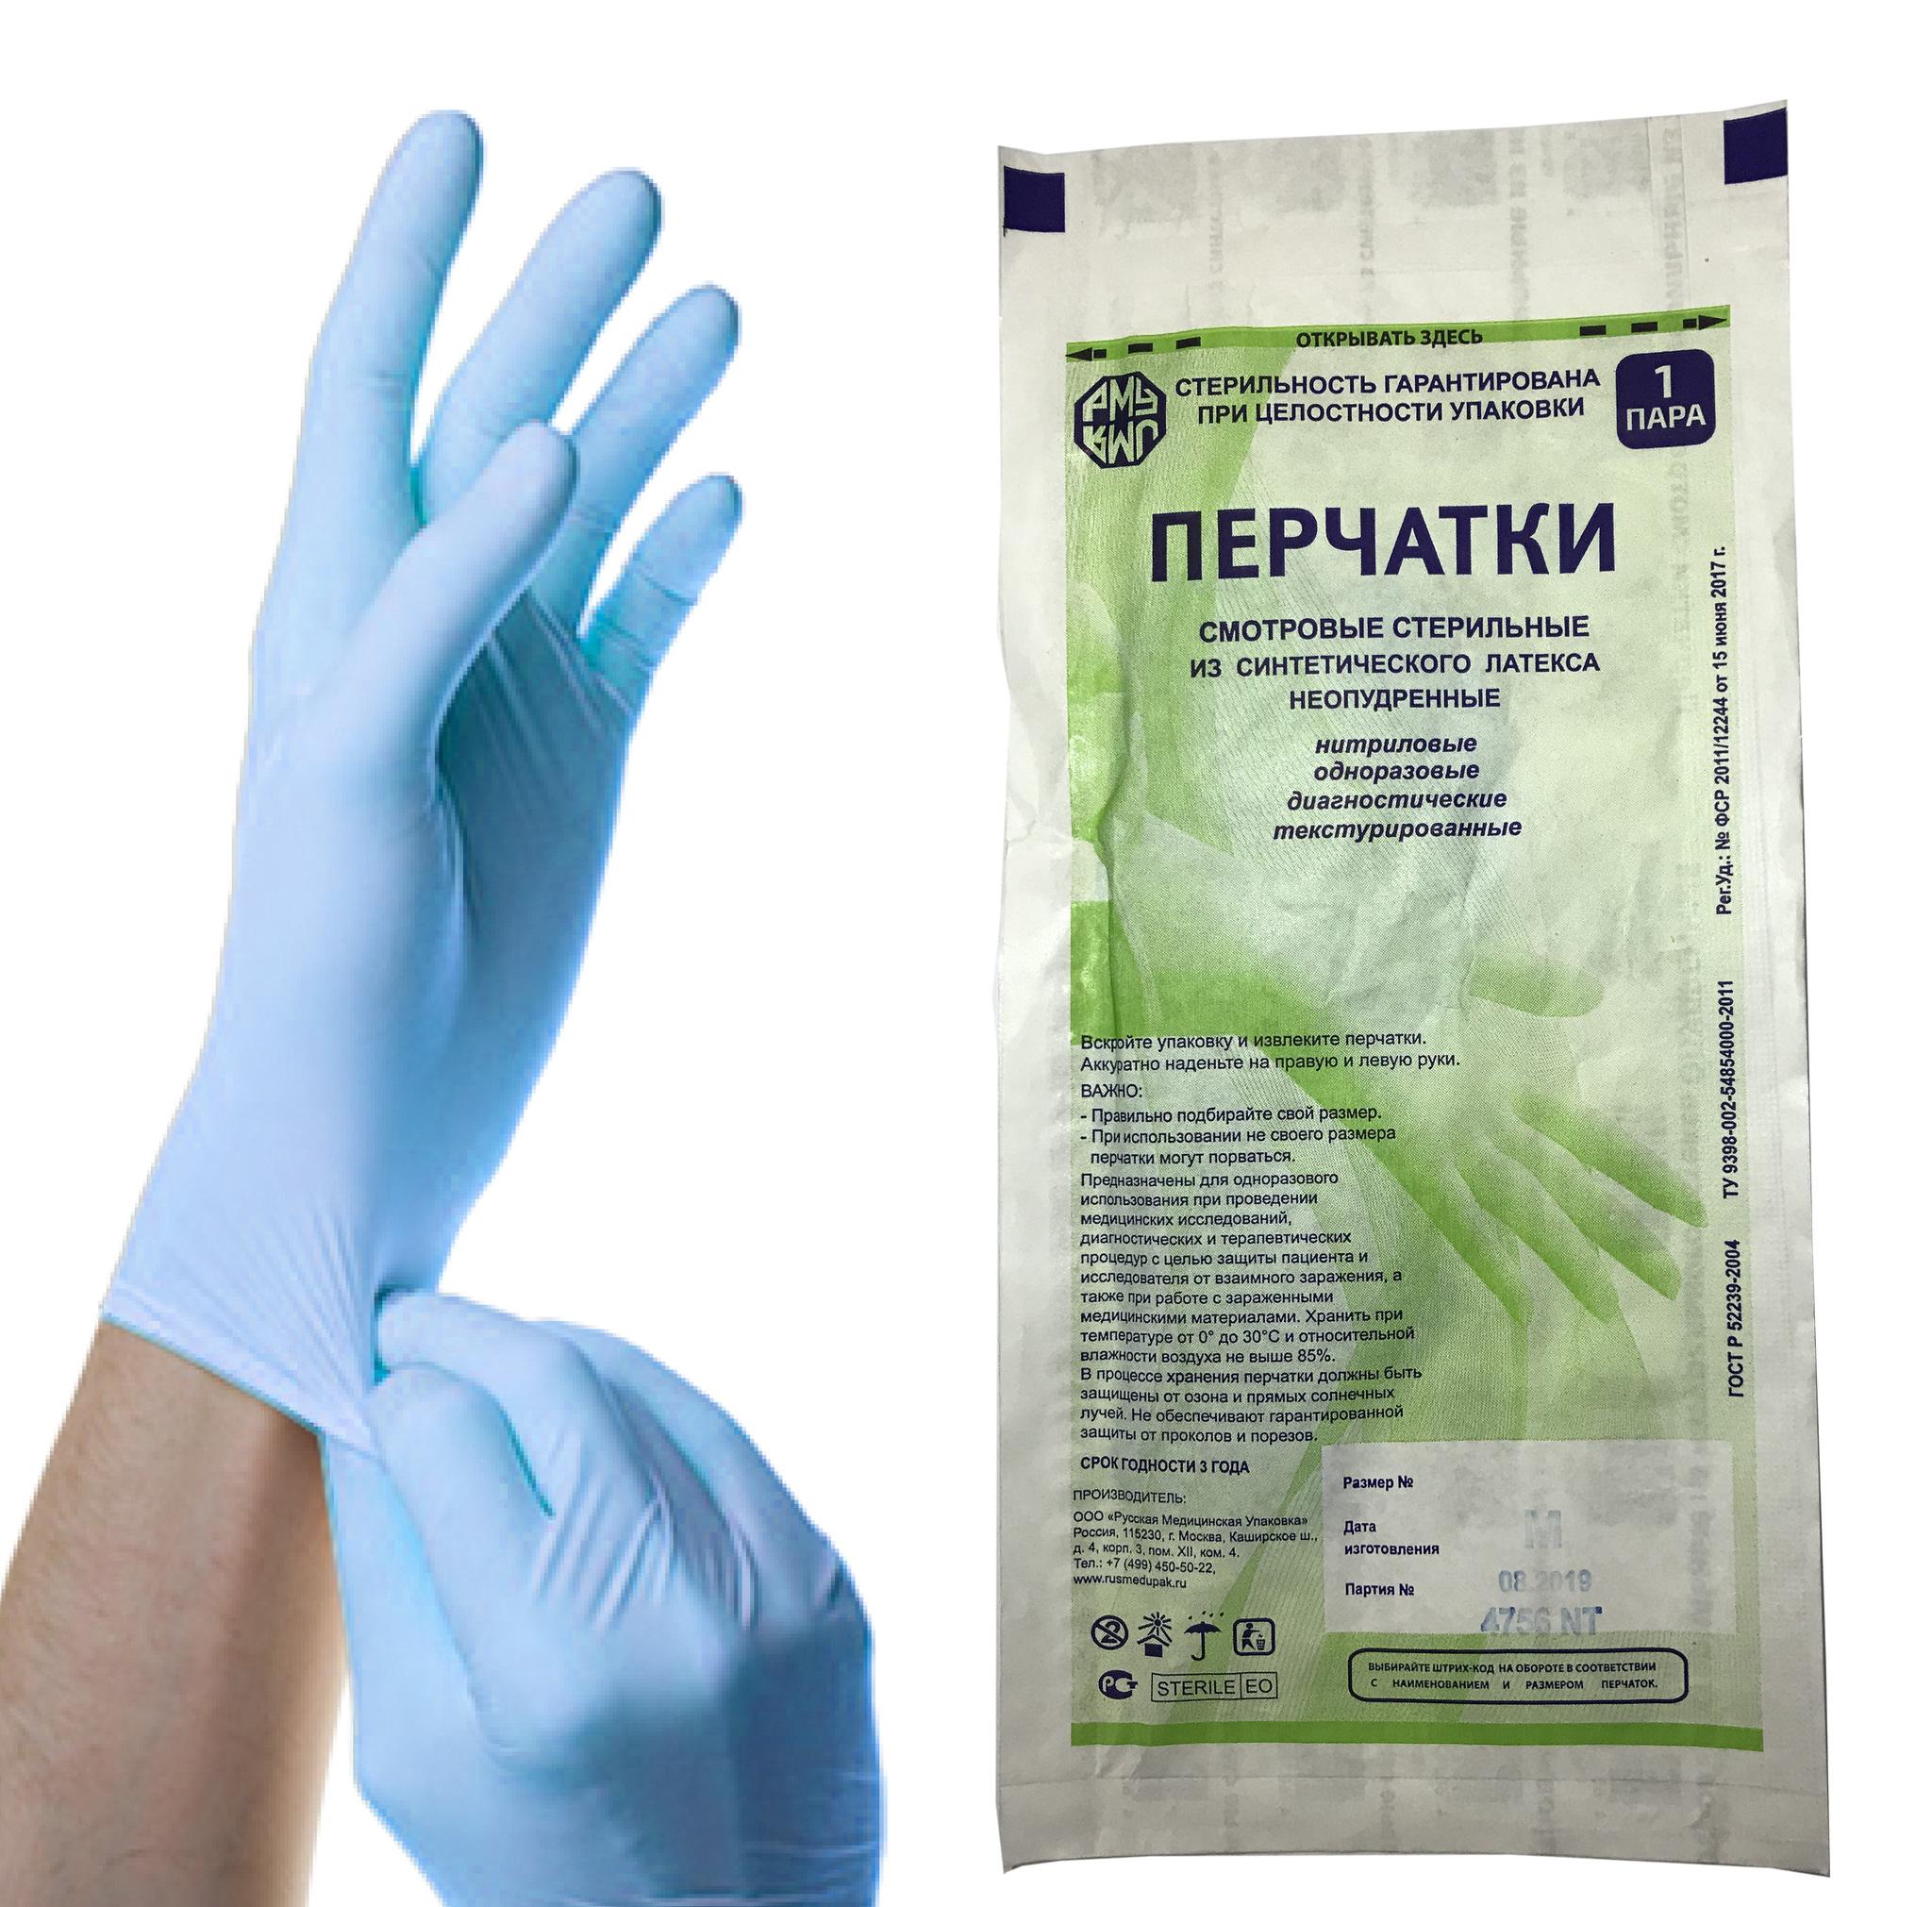 Купить РМУ3, Перчатки стерильные смотровые нитриловые РМУ 50 пар L